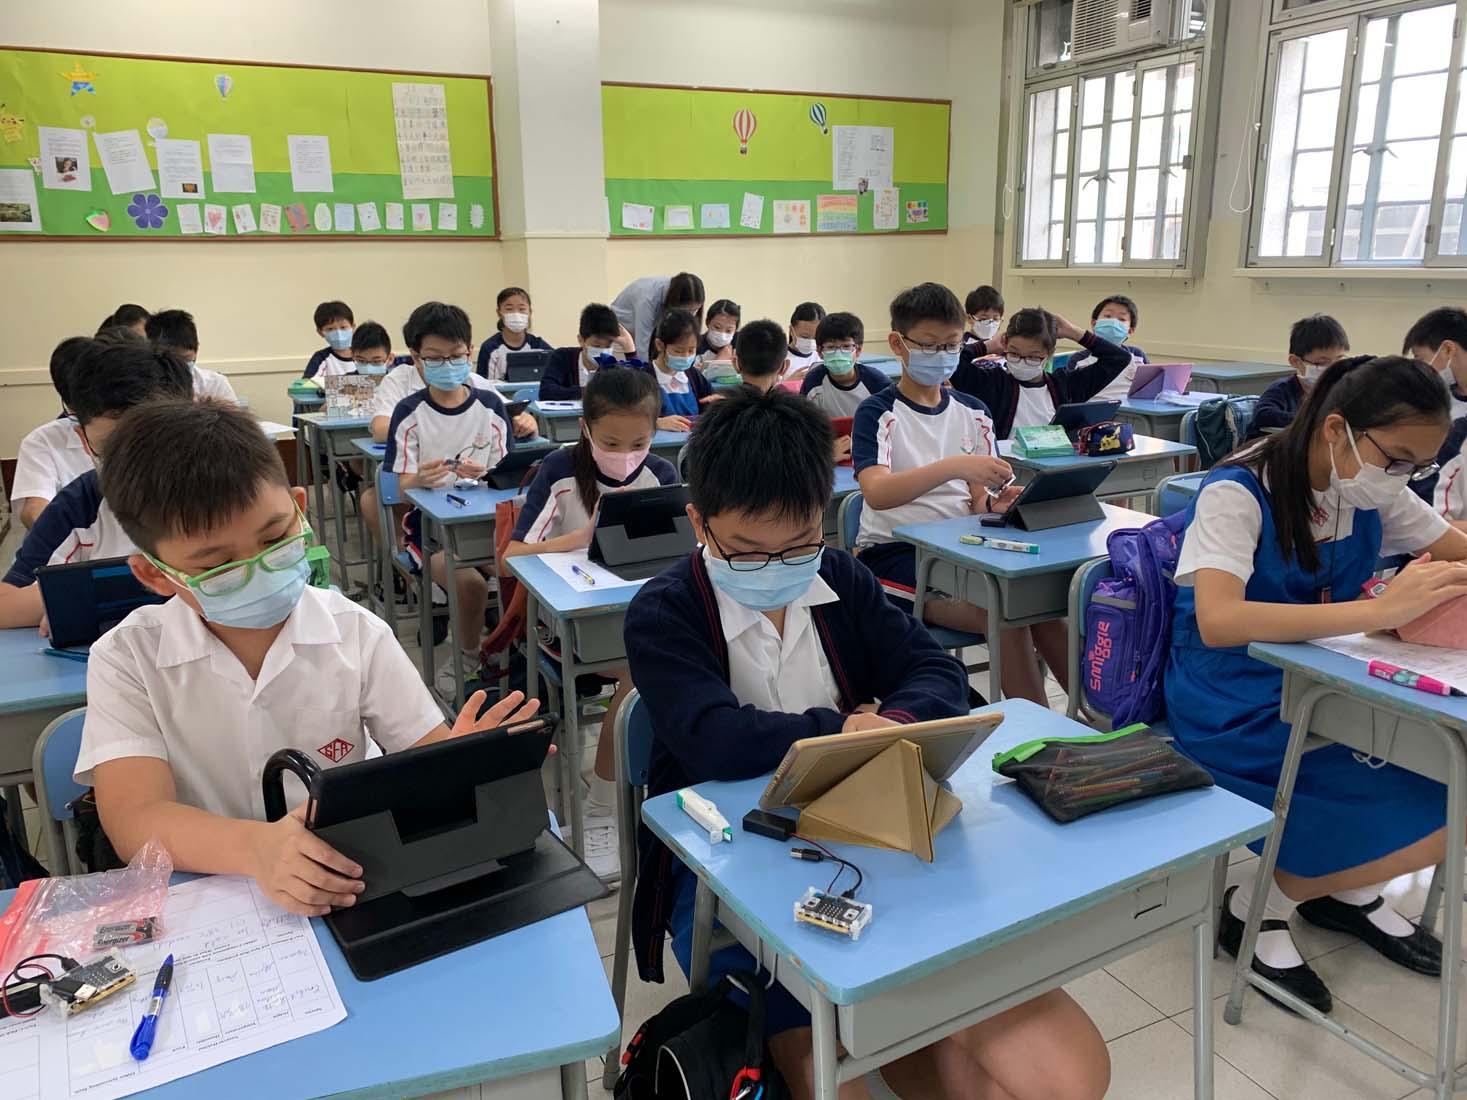 https://sfaeps.edu.hk/sites/default/files/img_5569.jpg